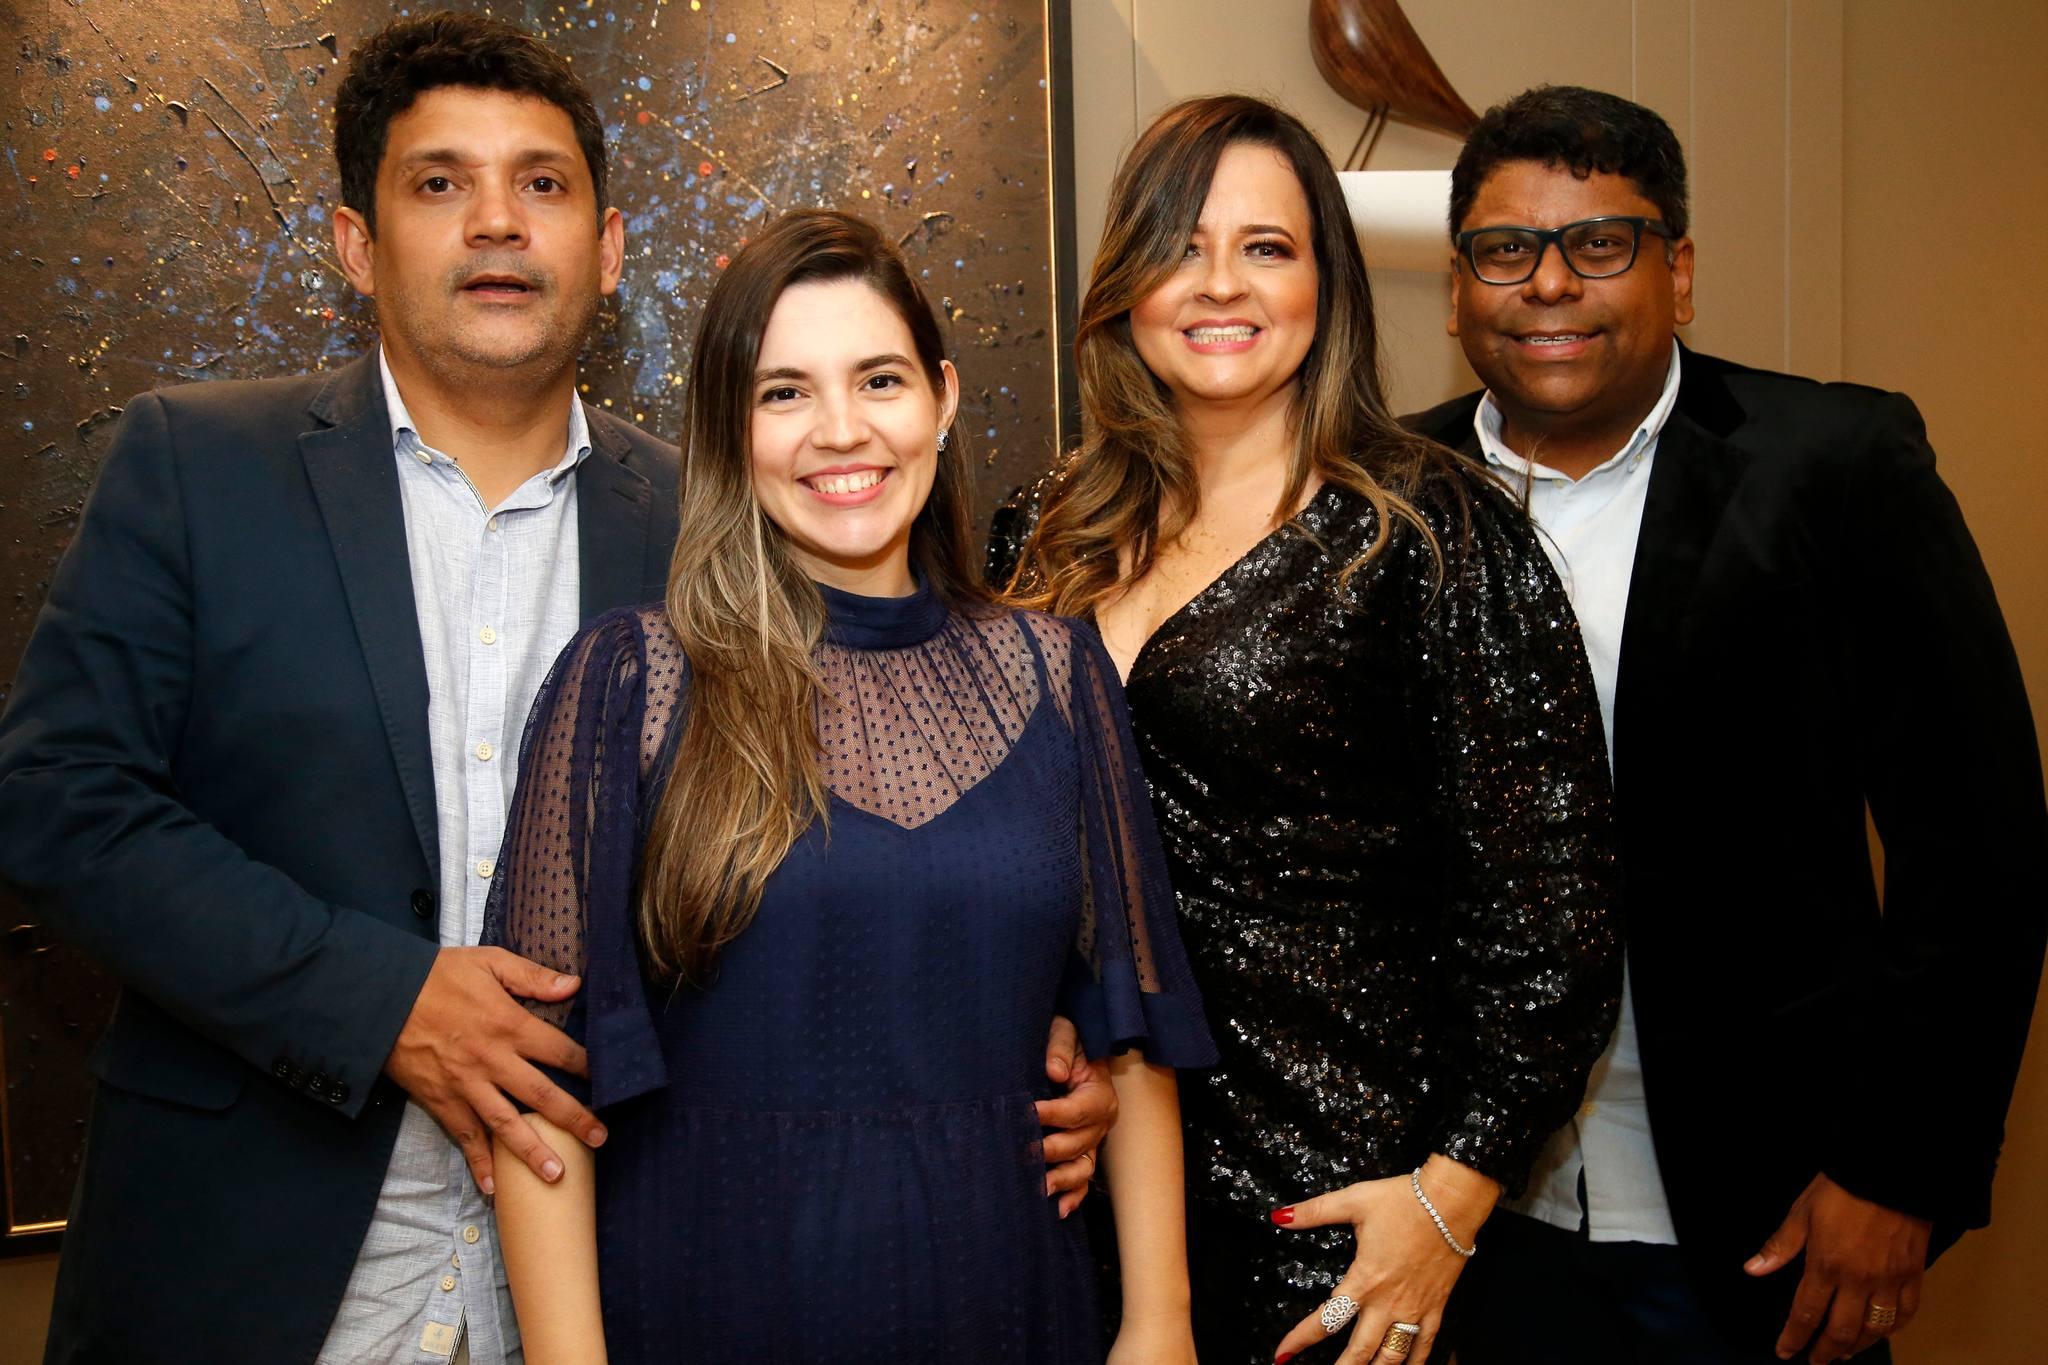 Bruno Queiroz e Juliana Bastos armam jantar em torno do Capitão de Fragata José Roberto Moura